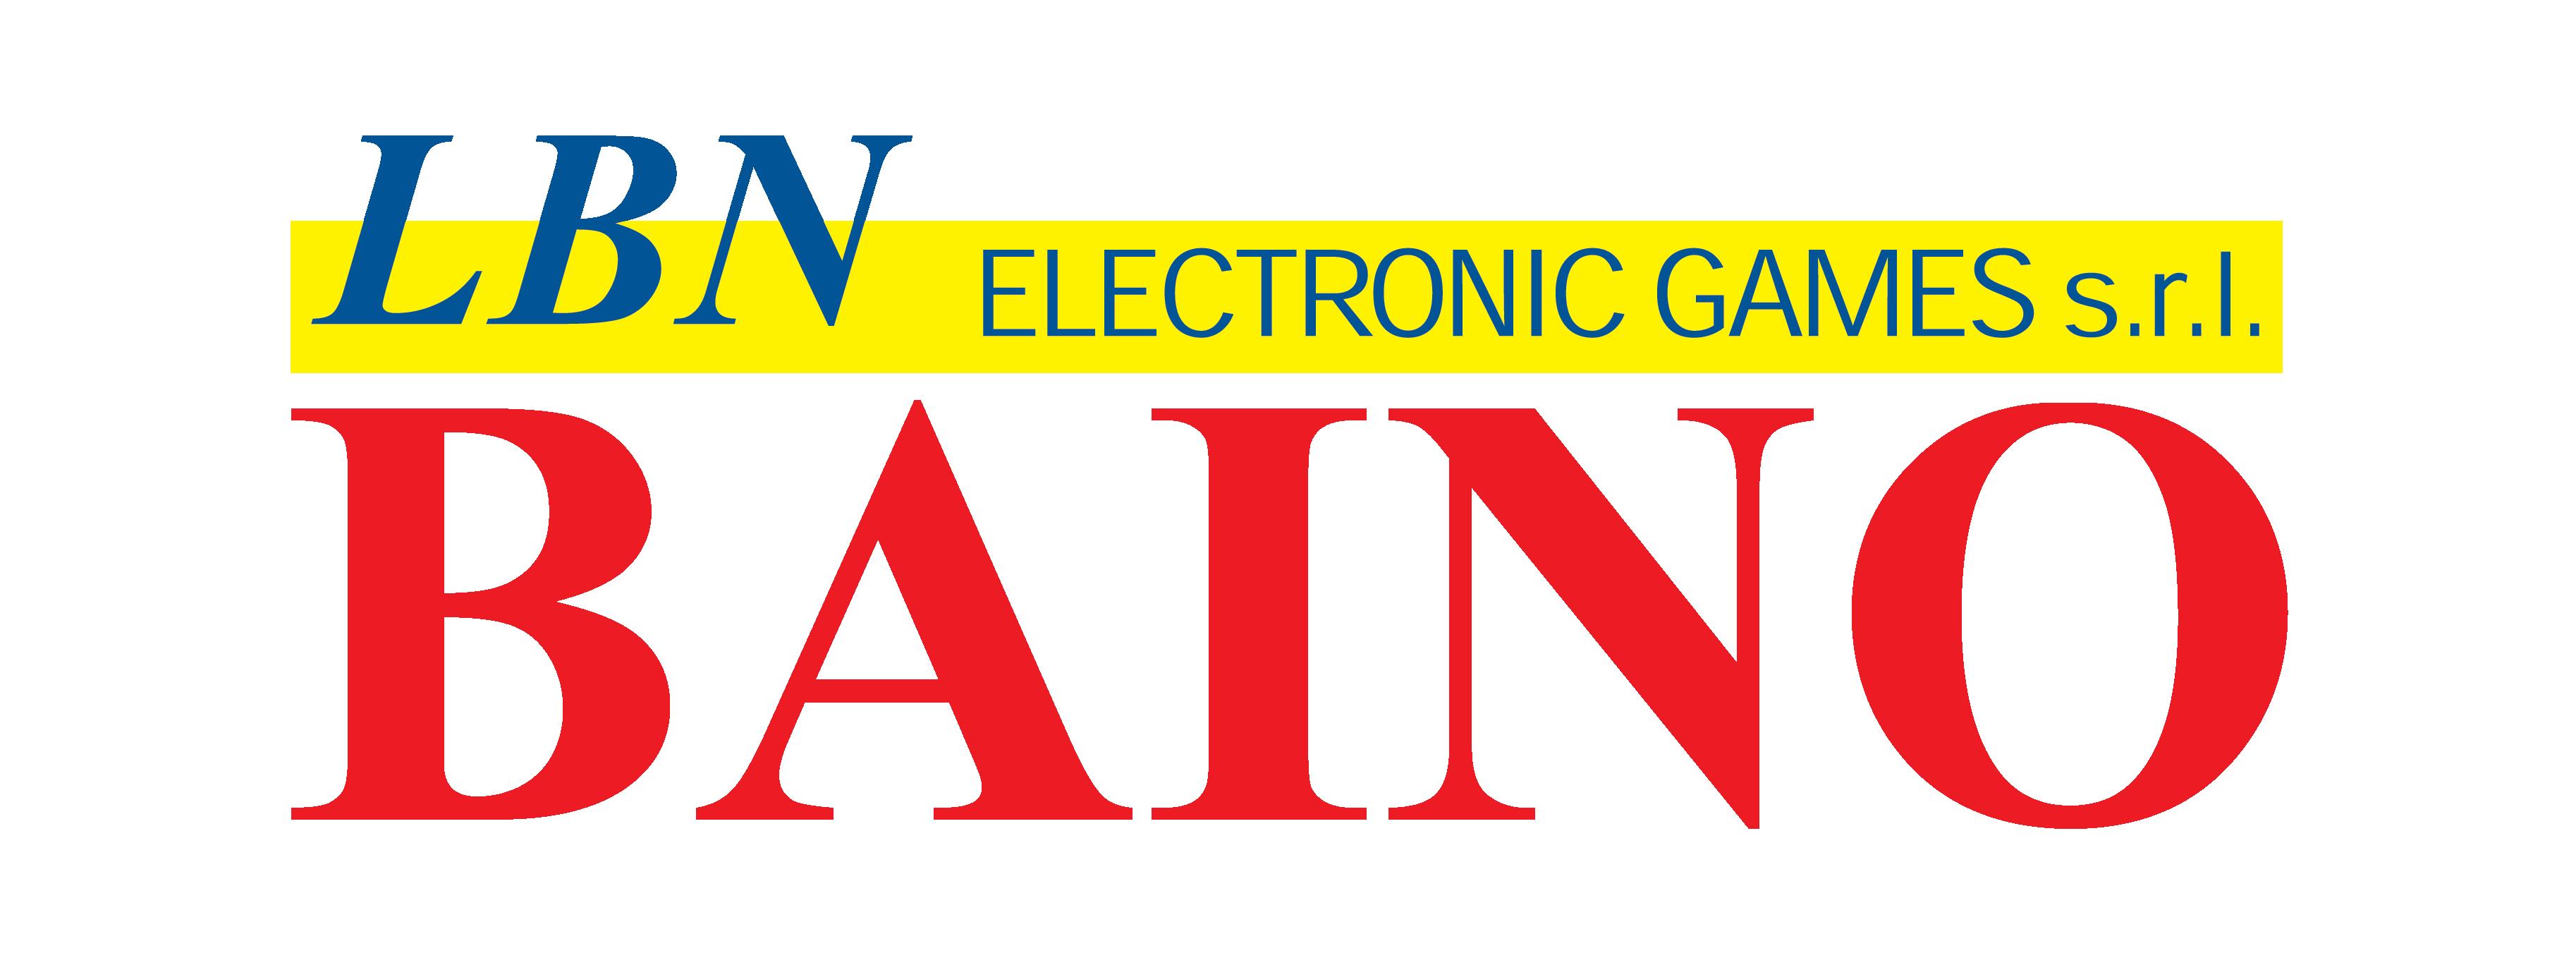 LBN Electronic Games